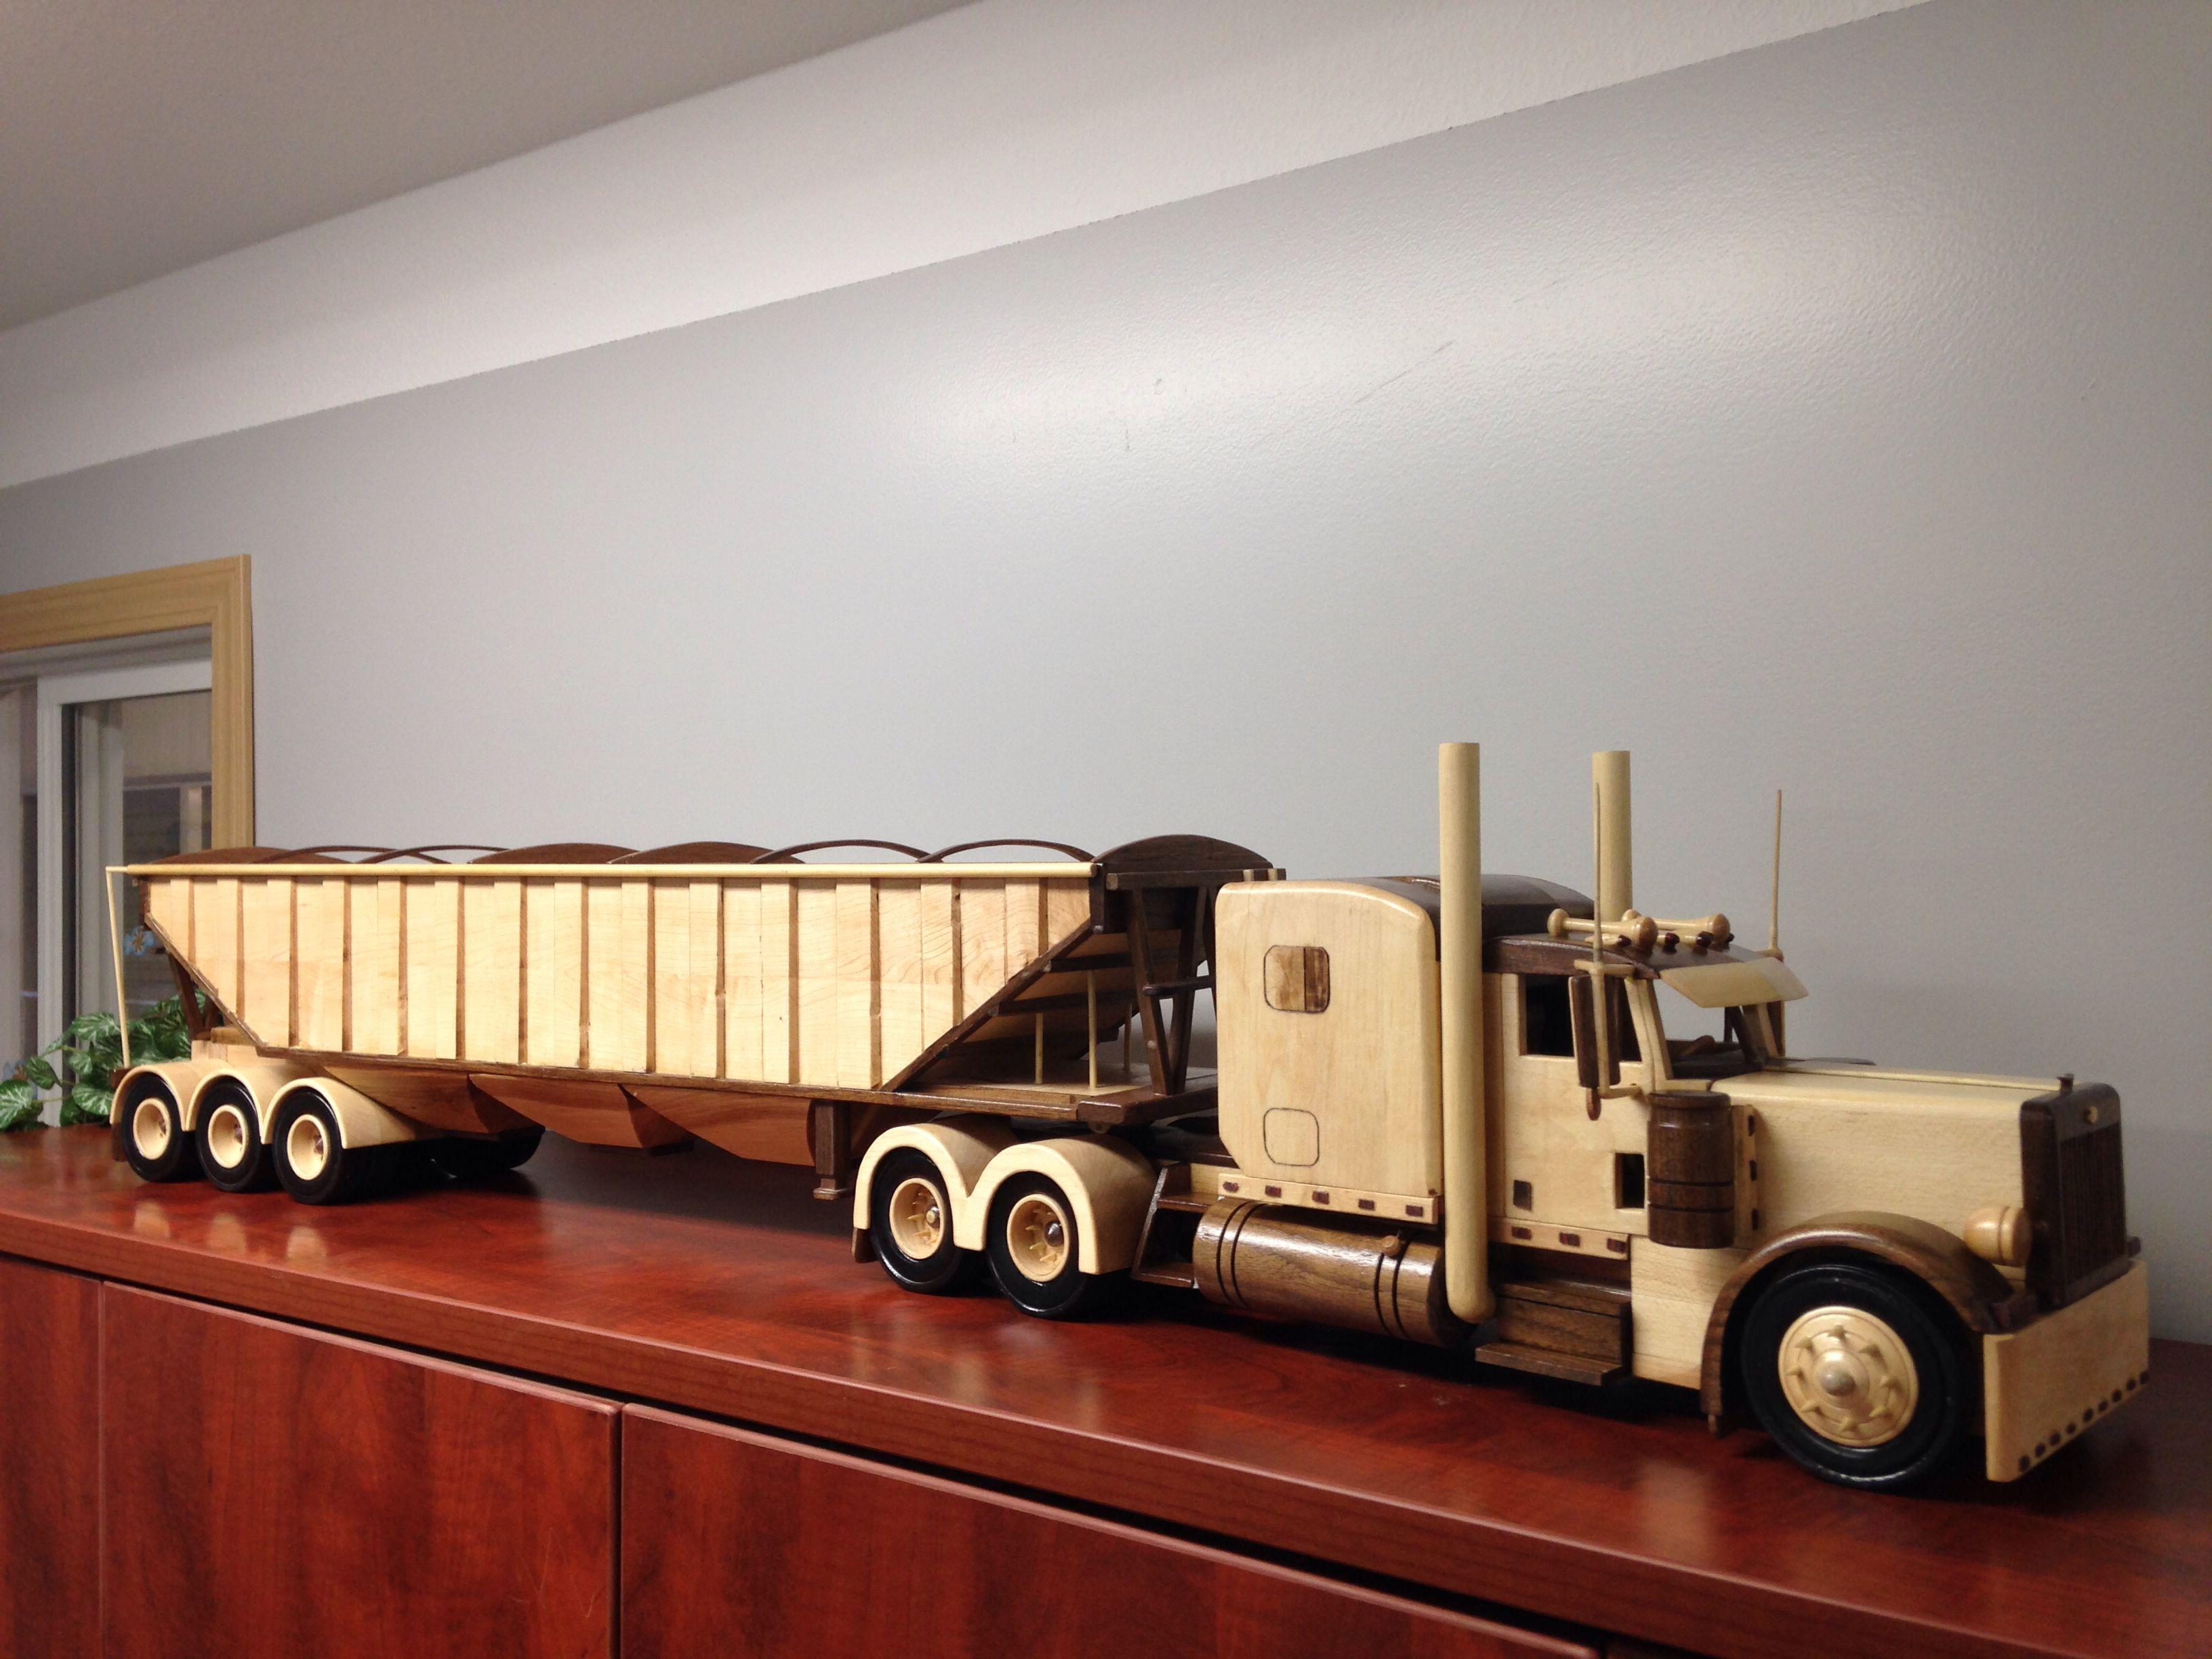 wooden peterbilt truck | dřevěné hračky | hračky, dřevo a dílny